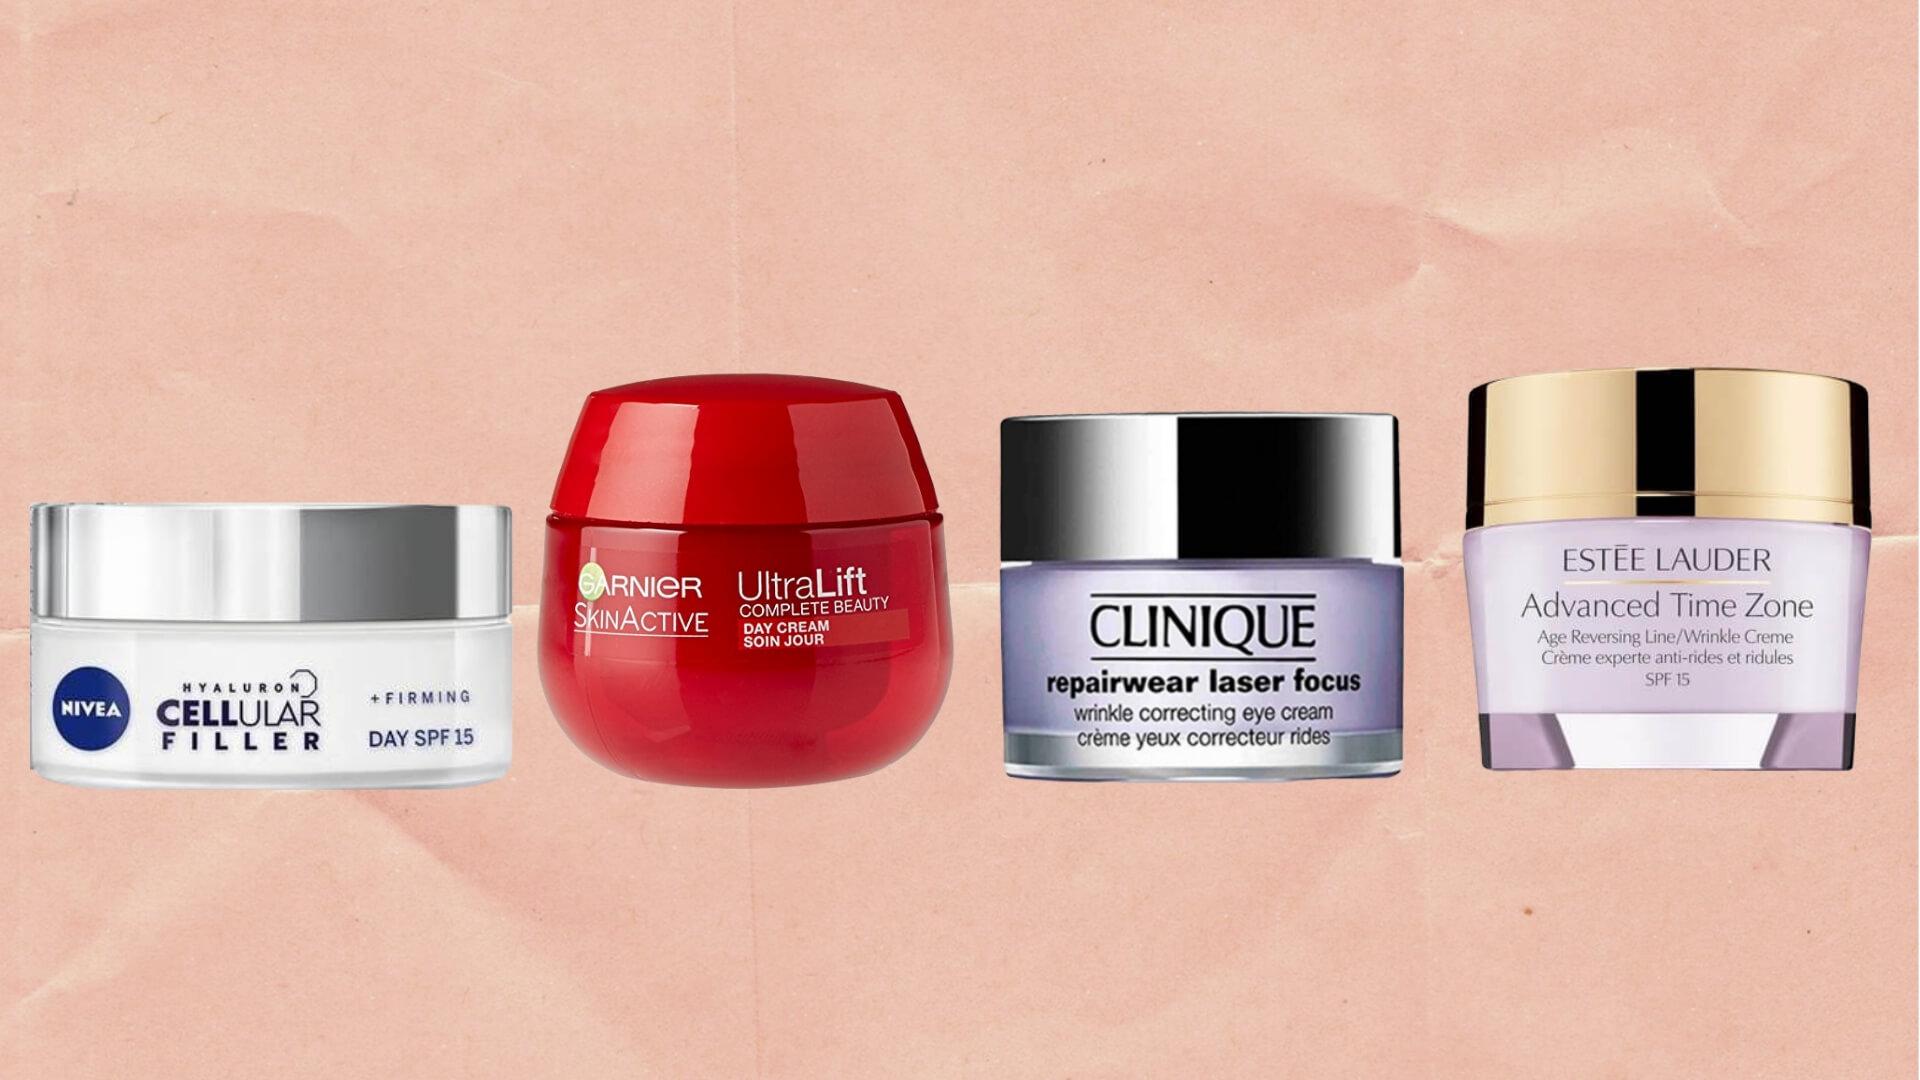 La Mejor Crema Antiarrugas Para Los 50 Años Cuál Comprar En El 2020